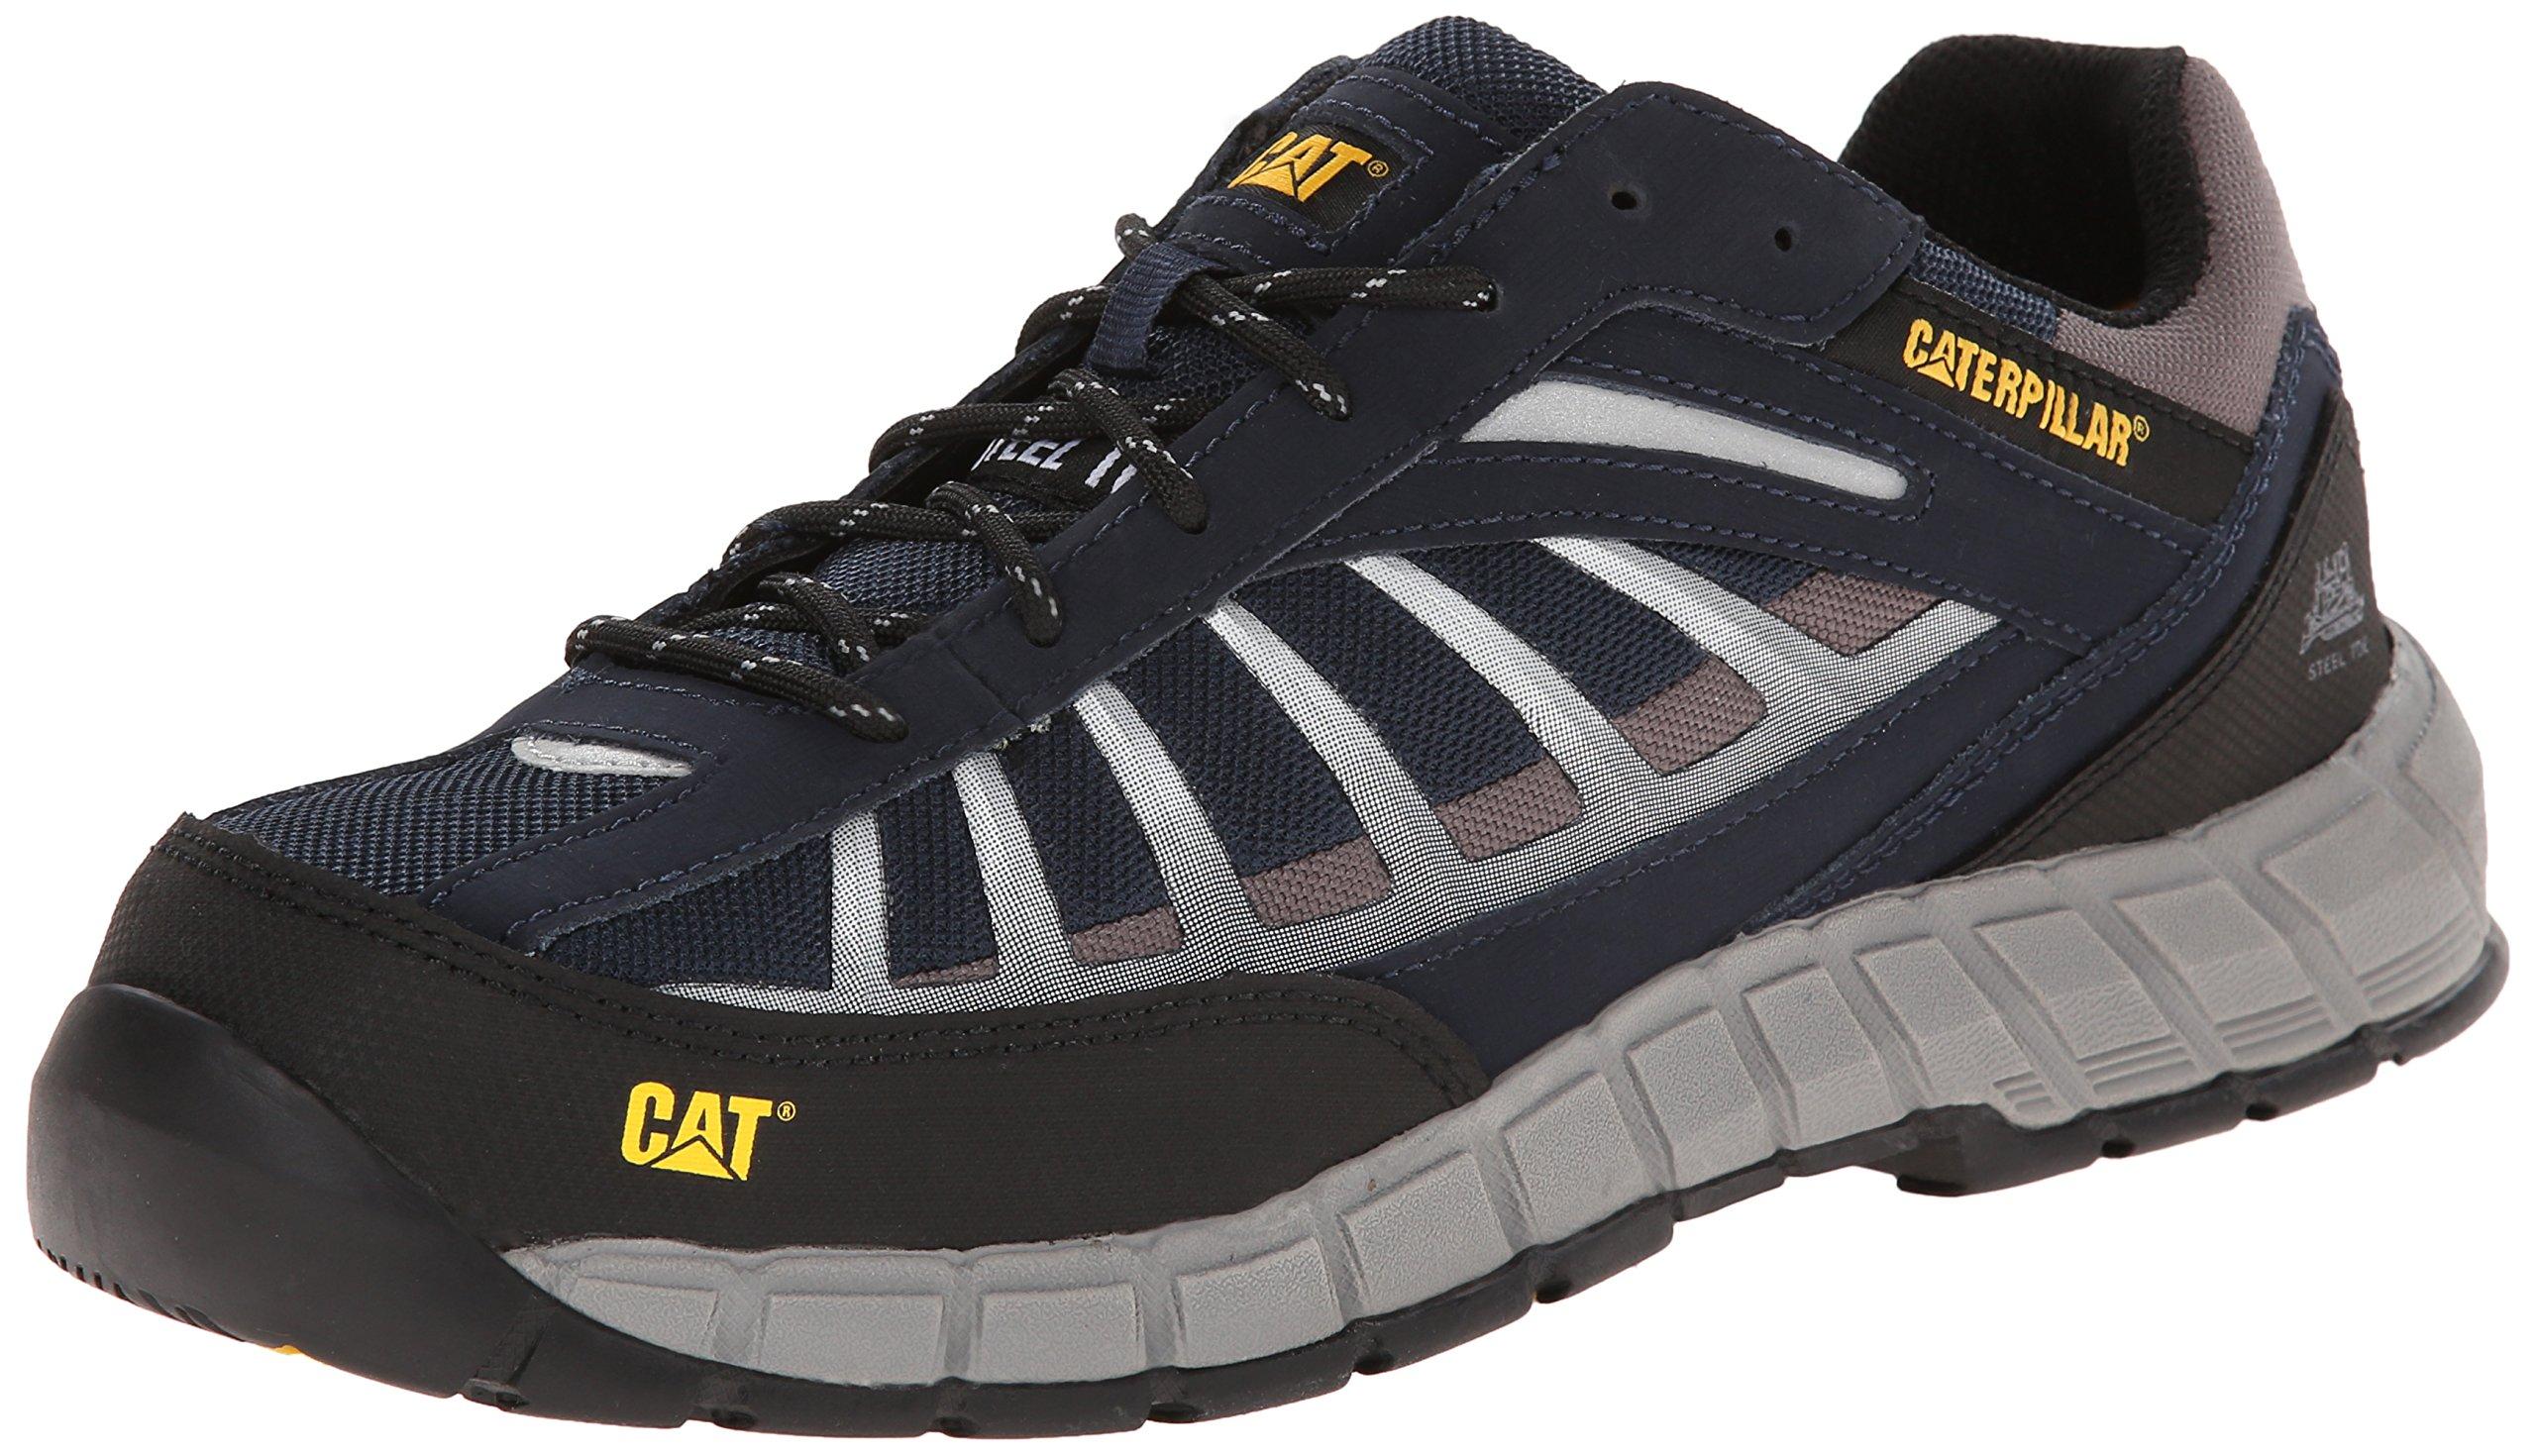 Caterpillar Men's Infrastructure Steel Toe Work Shoe, Navy, 9.5 W US